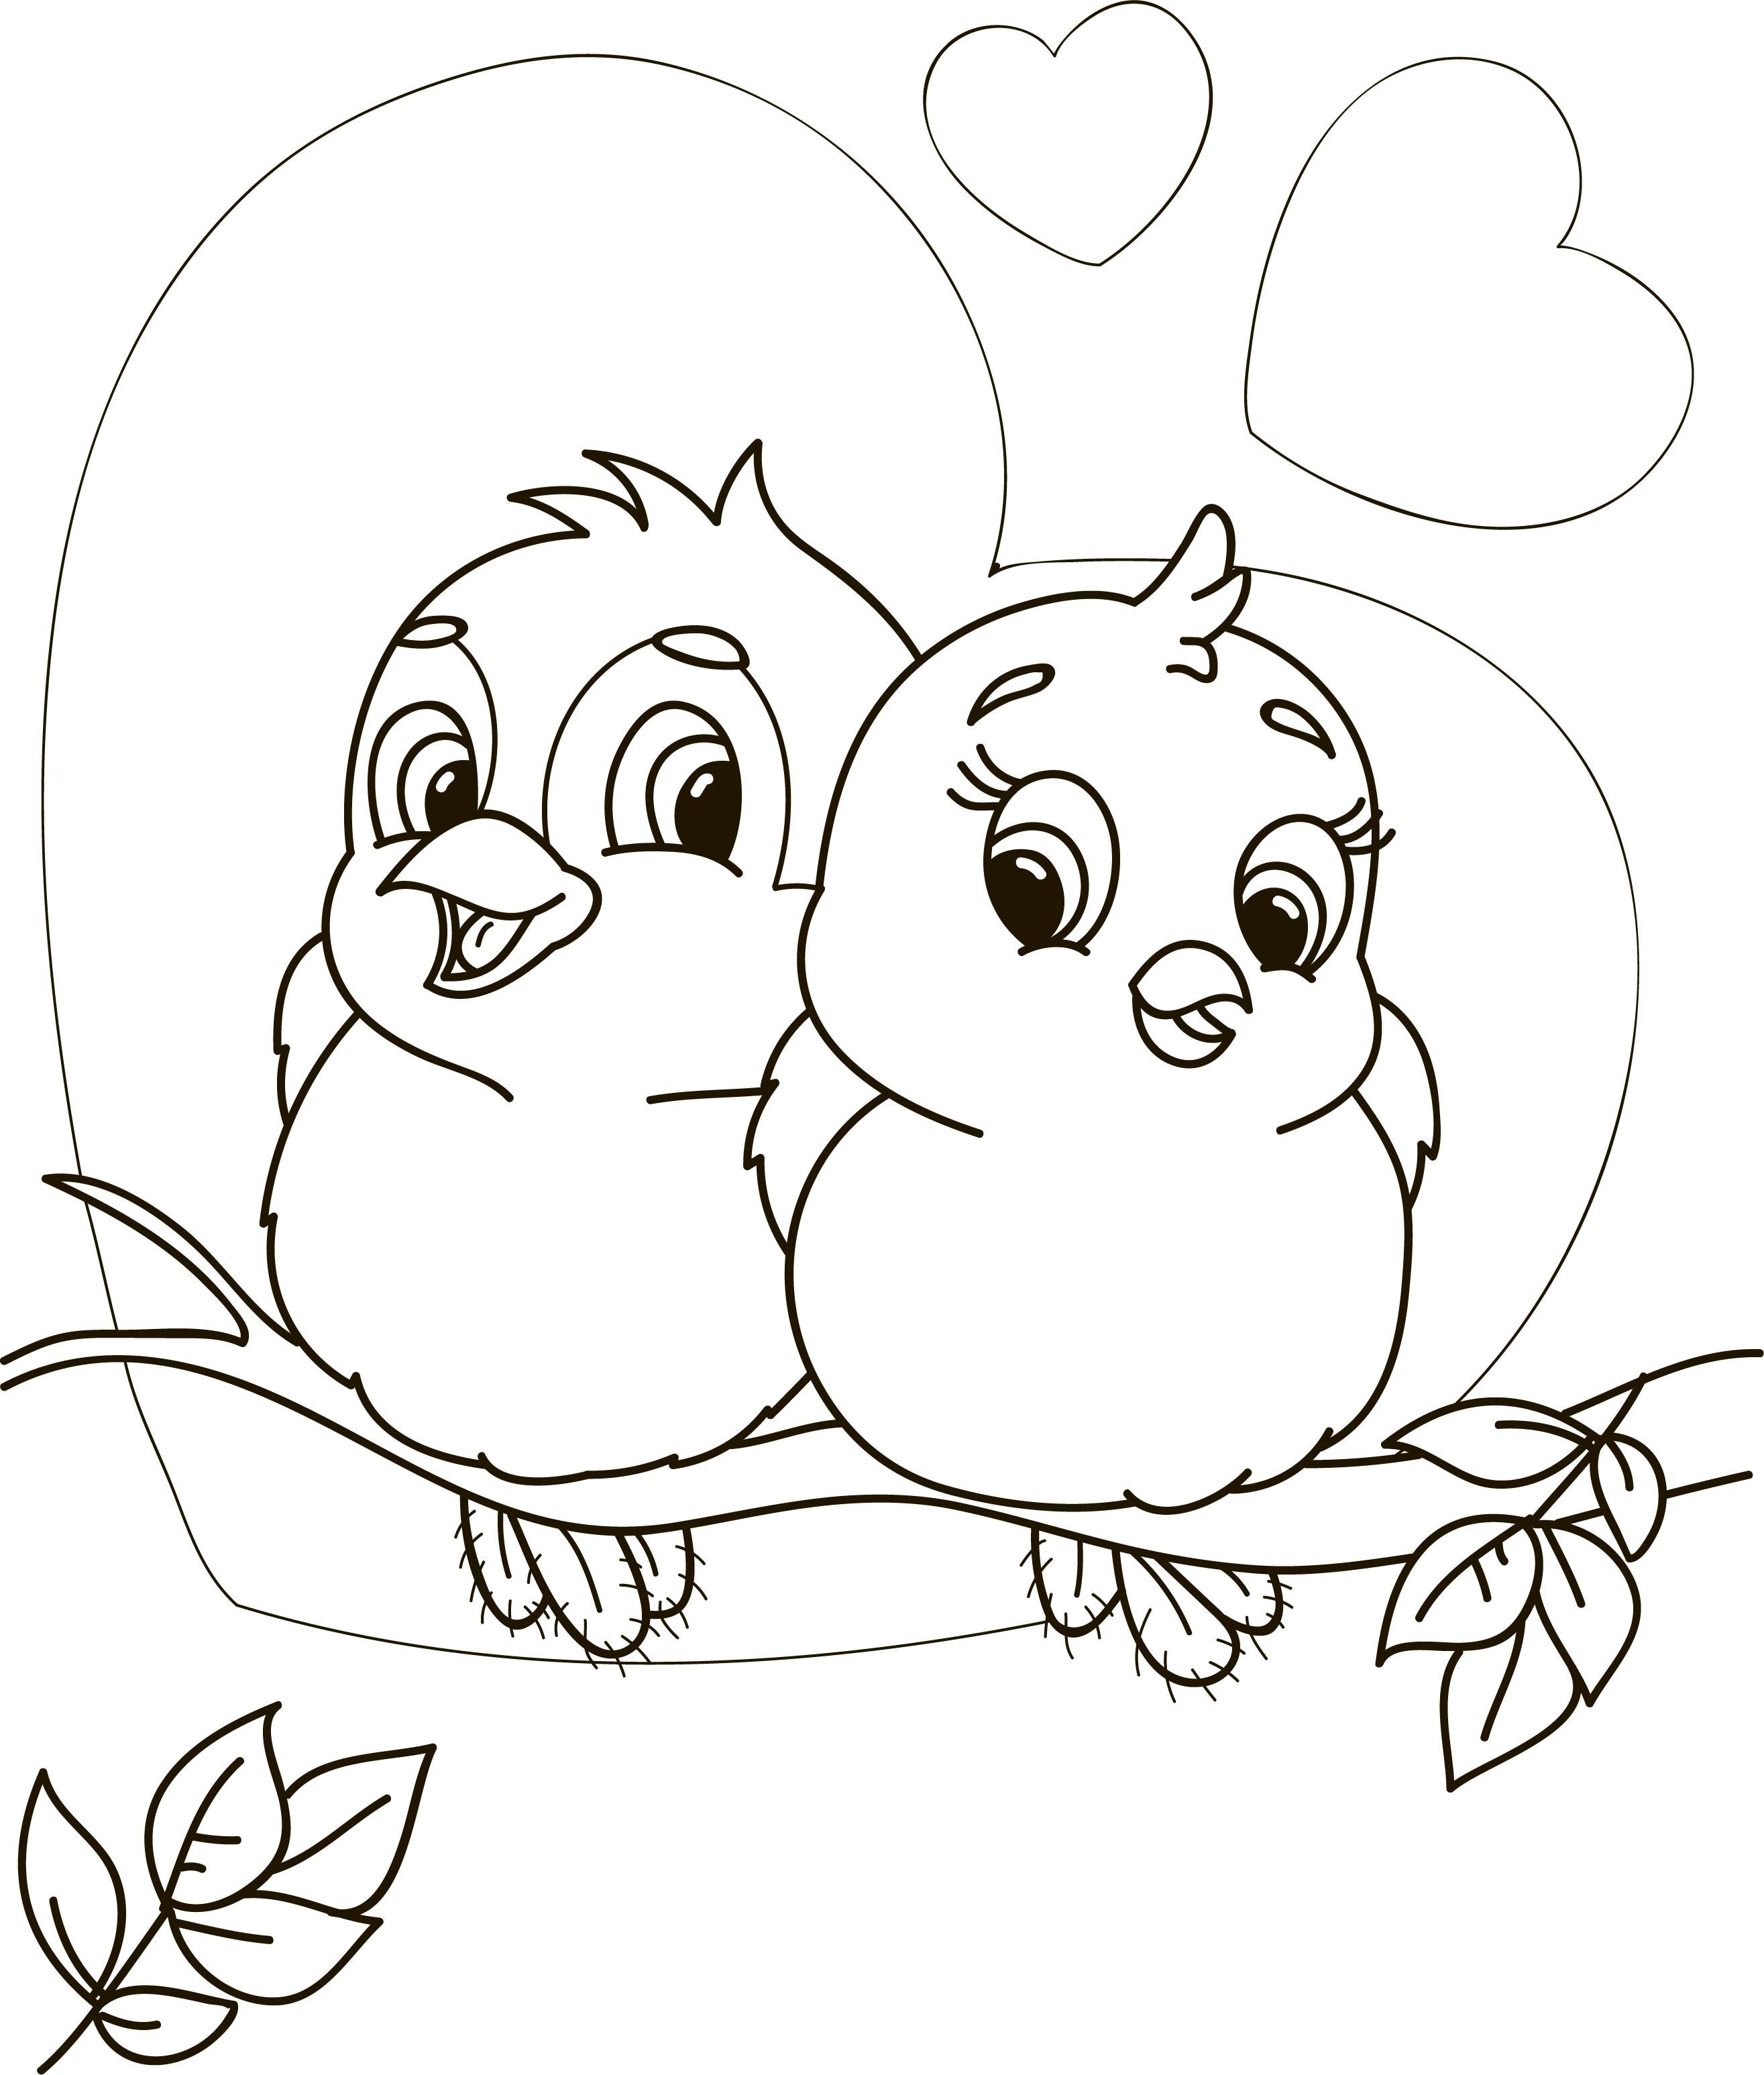 San valentino disegni da colorare per bambini for Disegni di animali per bambini